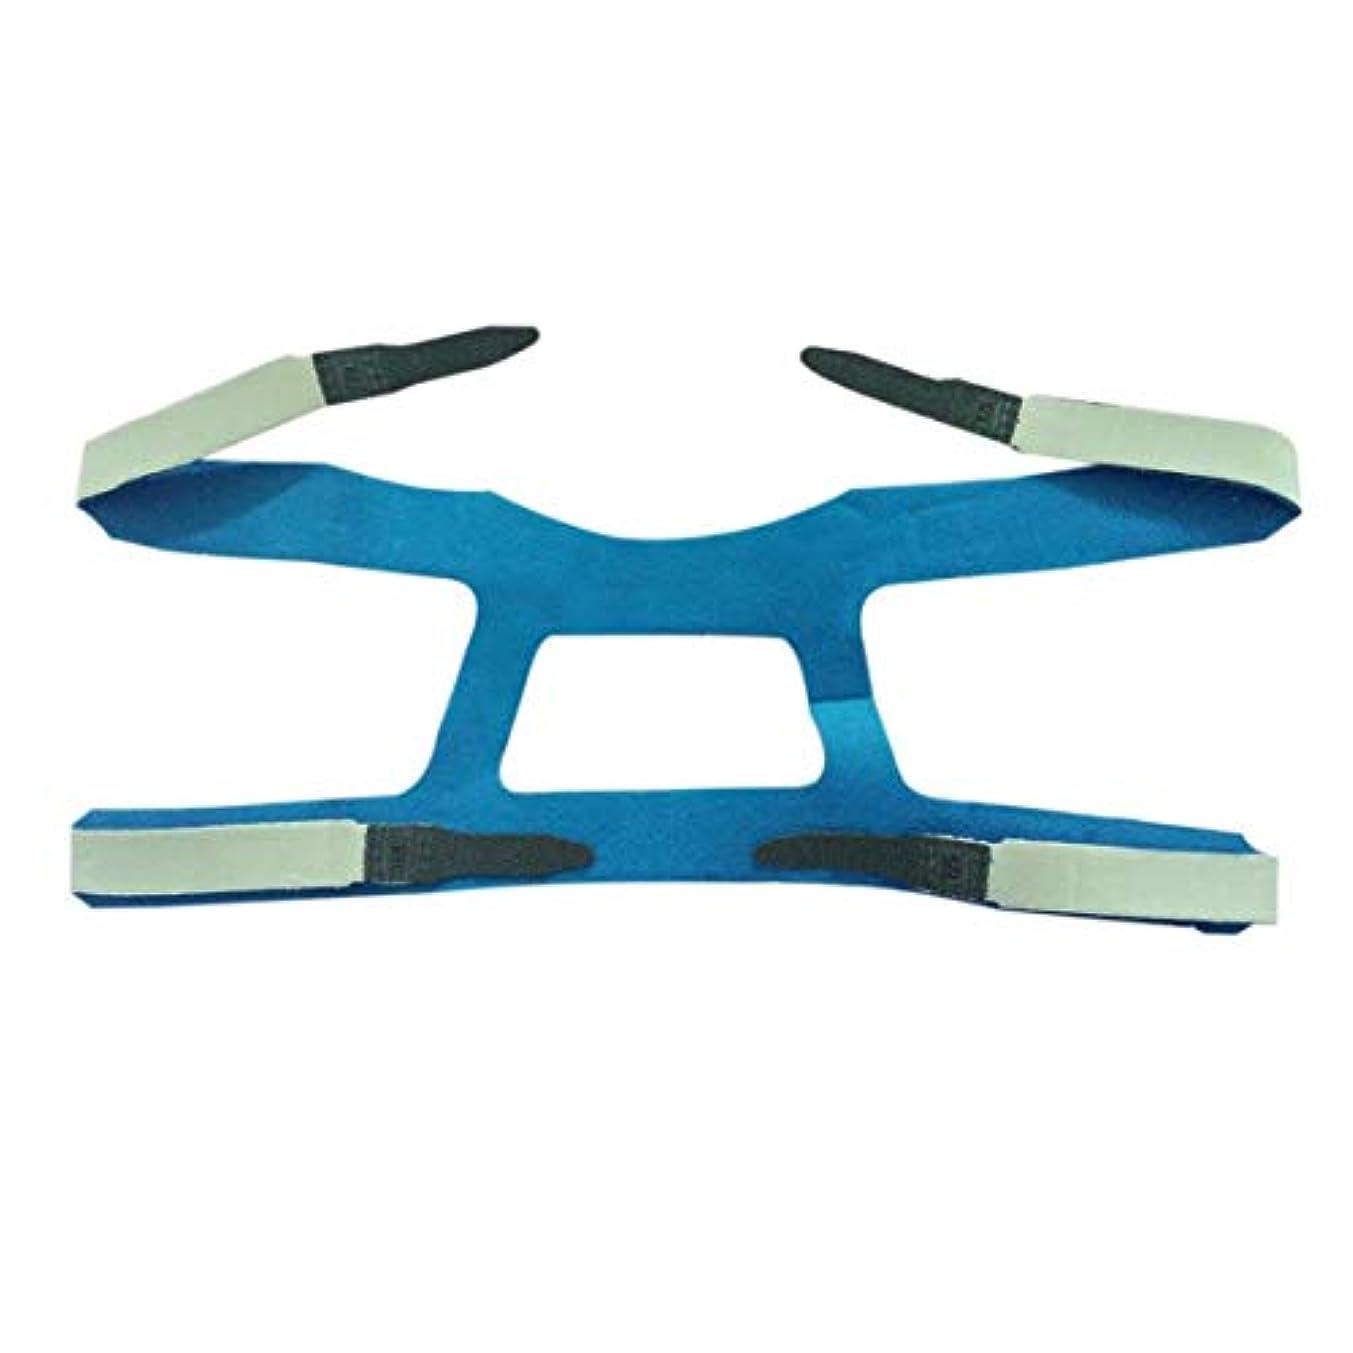 ロック隣接拡大するユニバーサルデザインヘッドギアコンフォートジェルフルマスク安全な環境の交換用CPAPヘッドバンドなしPHILPS - グレー&ブルー